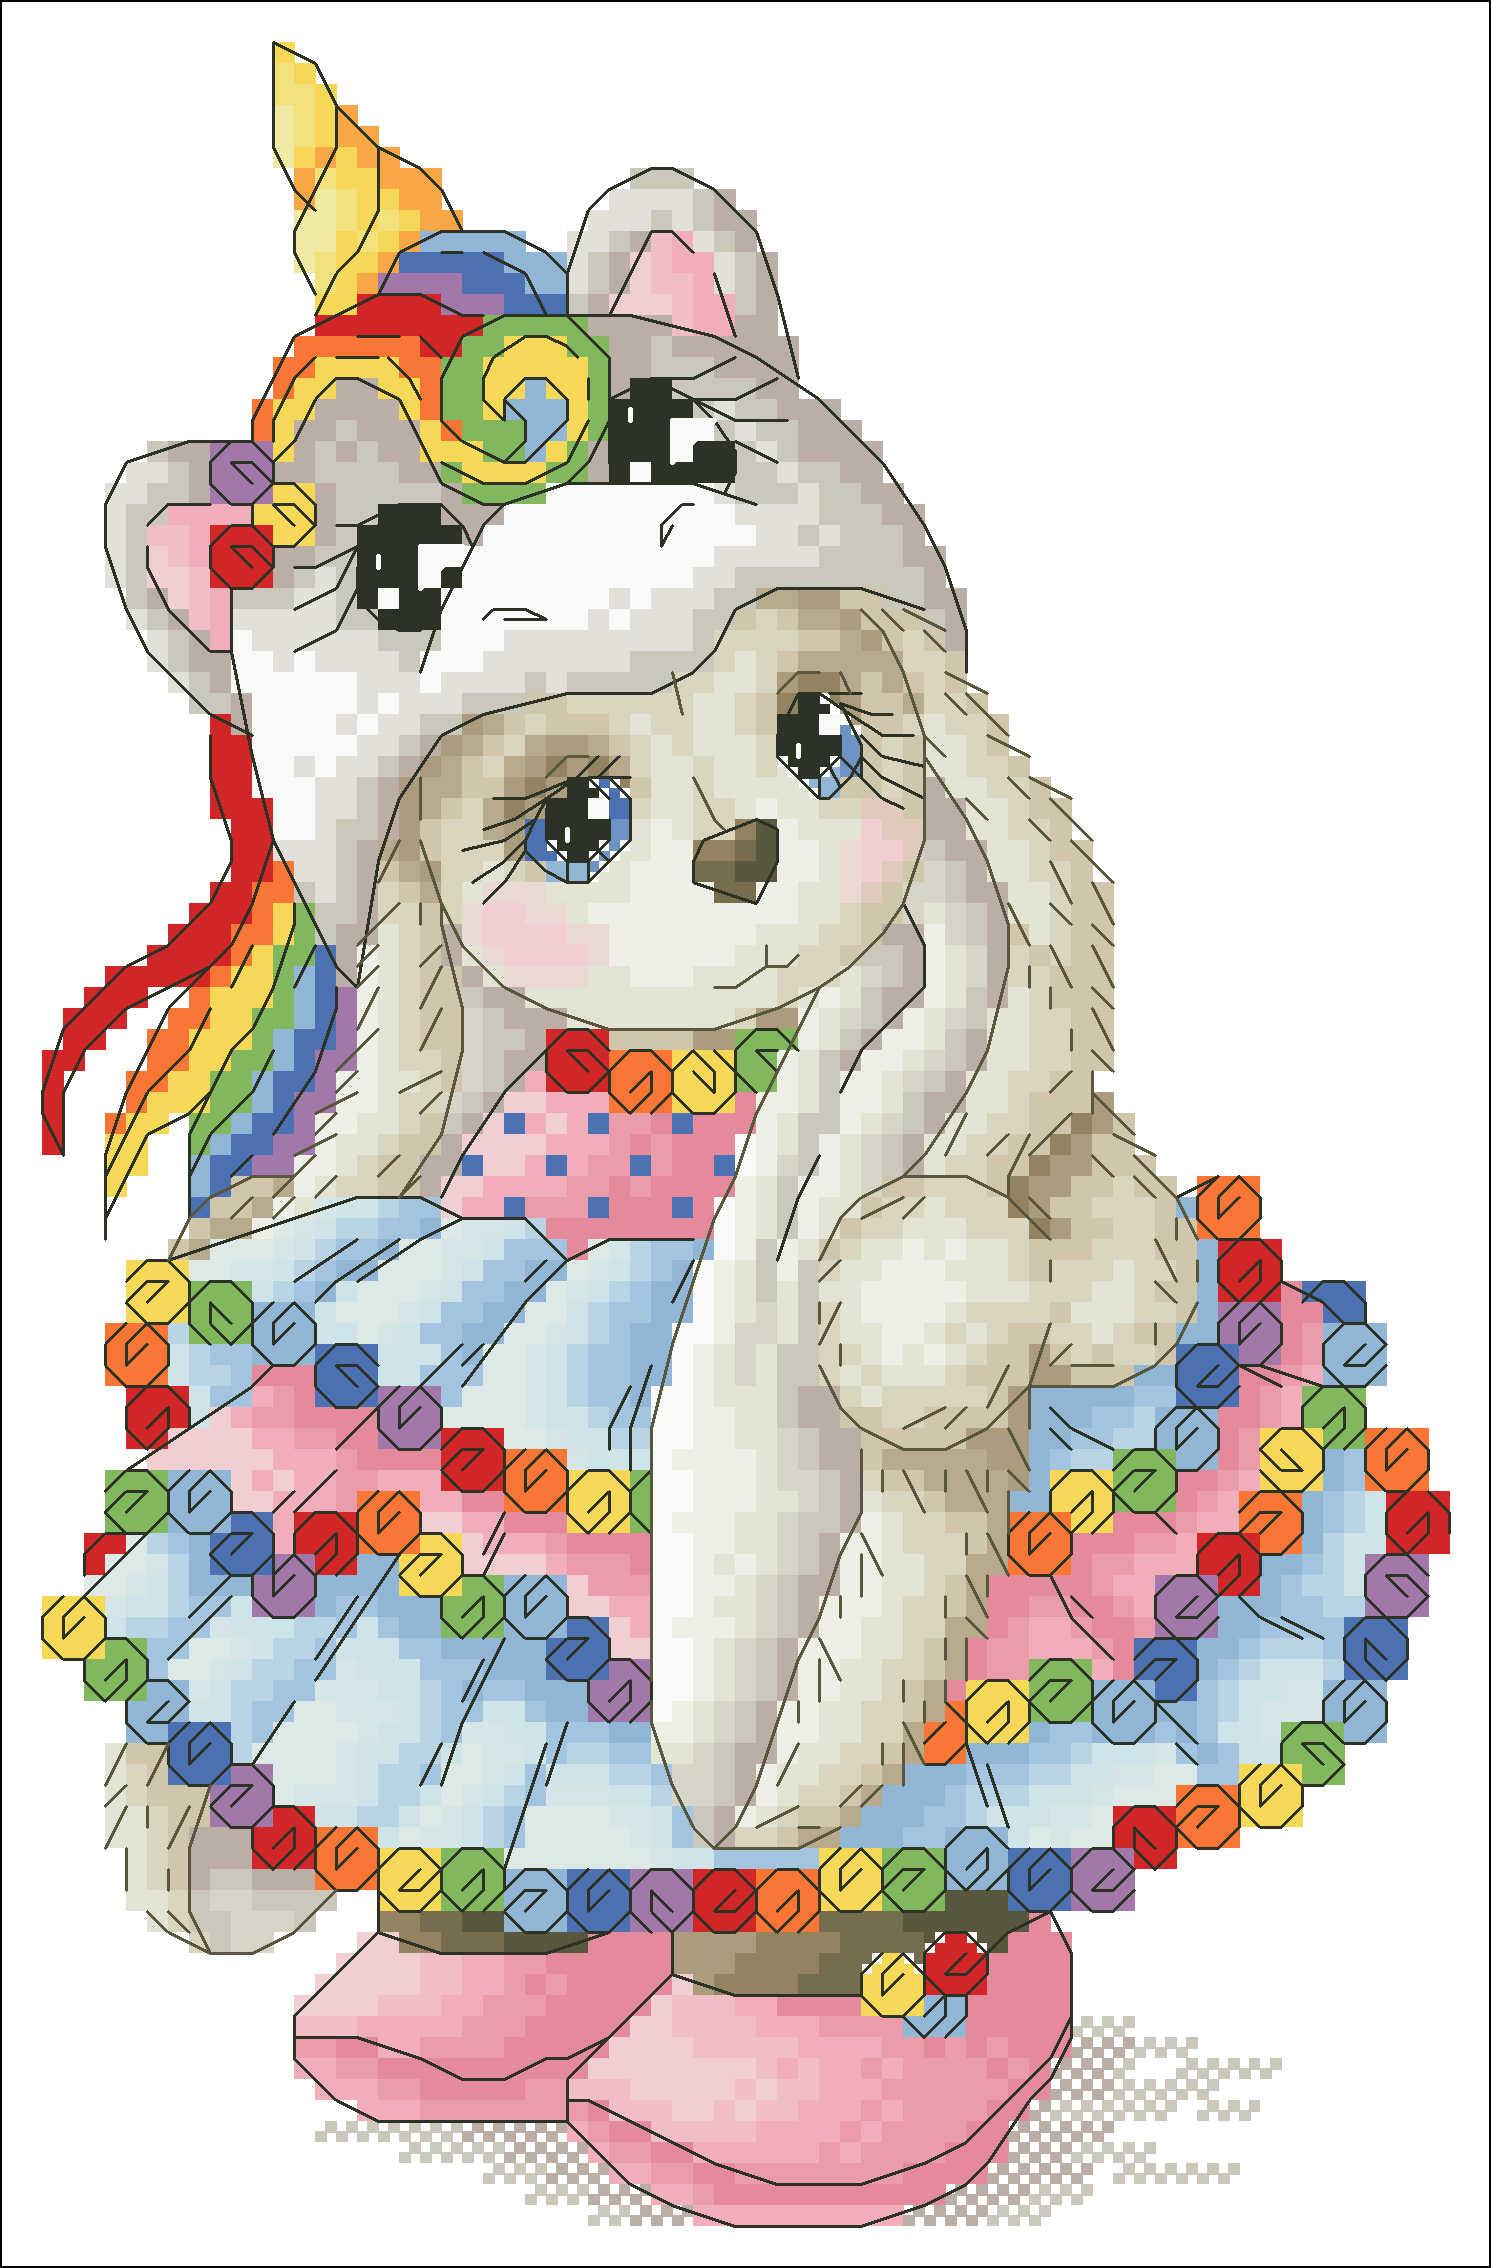 Милая шапка Единорог для девочек Вышивка крестиком вышивка крестом пакет мультфильм животное 18ct 14ct 11ct ткань хлопок шелк вышивка DIY рукоделие ручной работы